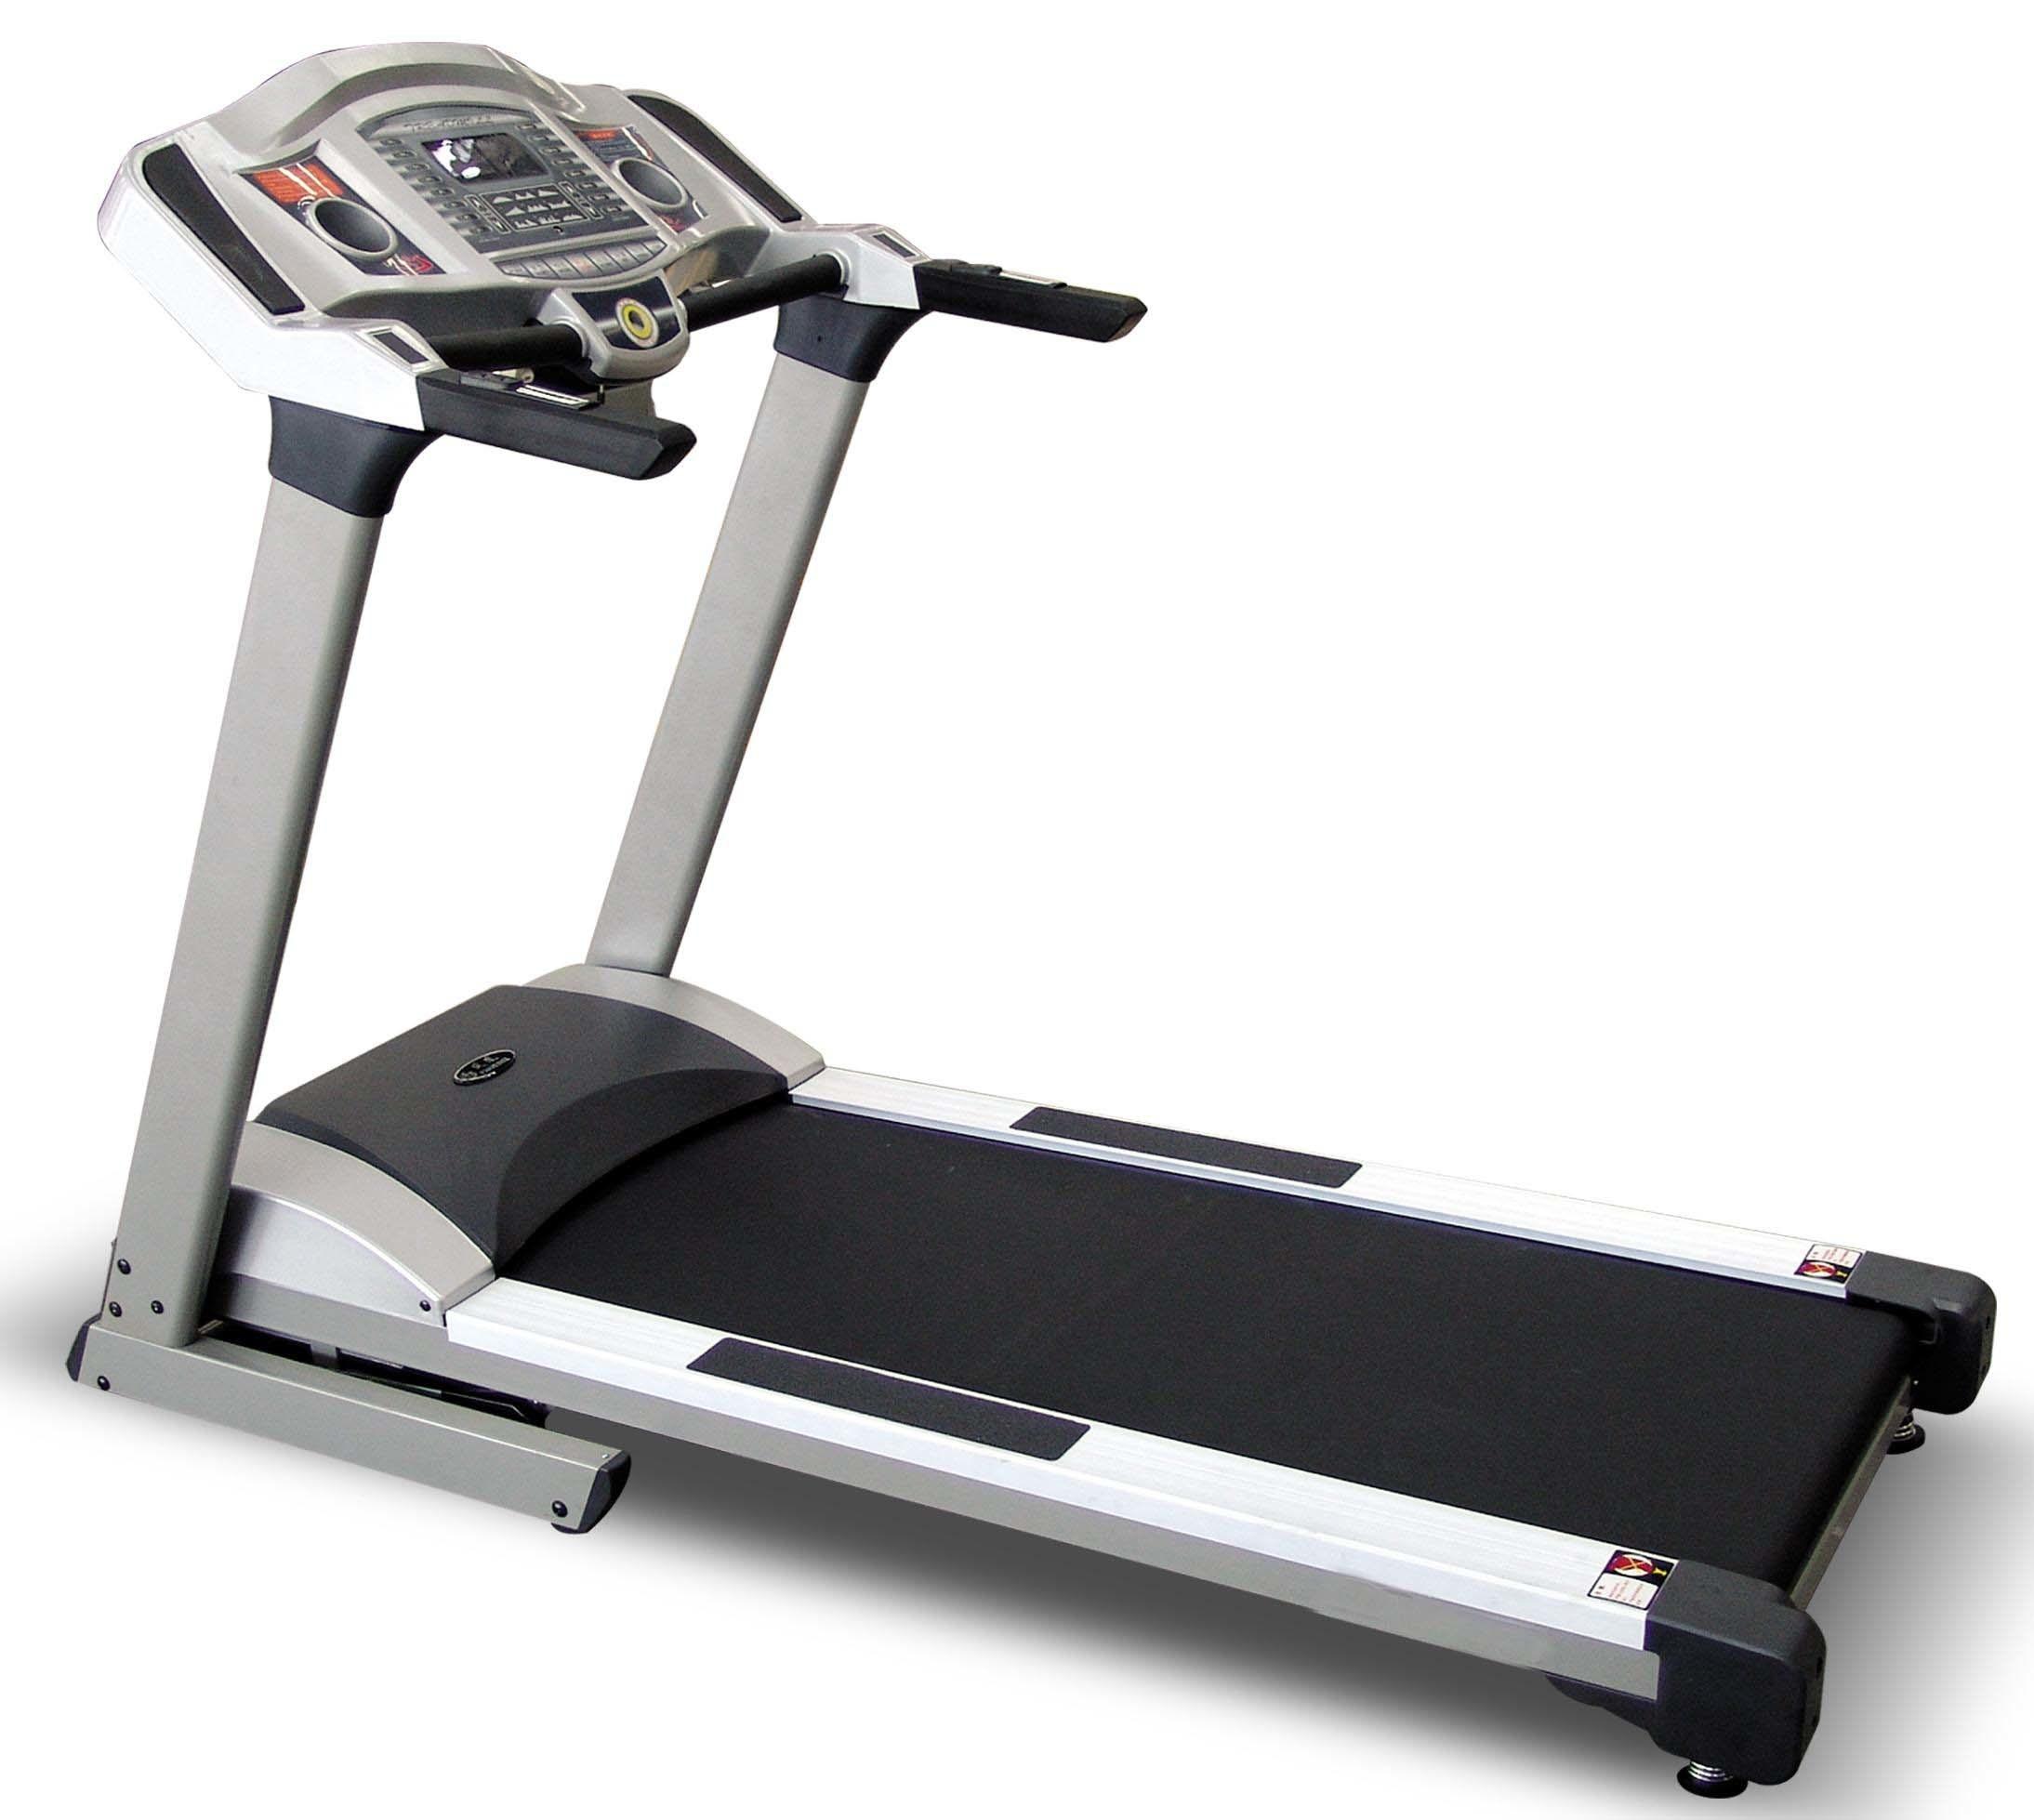 China Motorized Treadmill Rm1860f China Motorized Treadmill Electric Treadmill